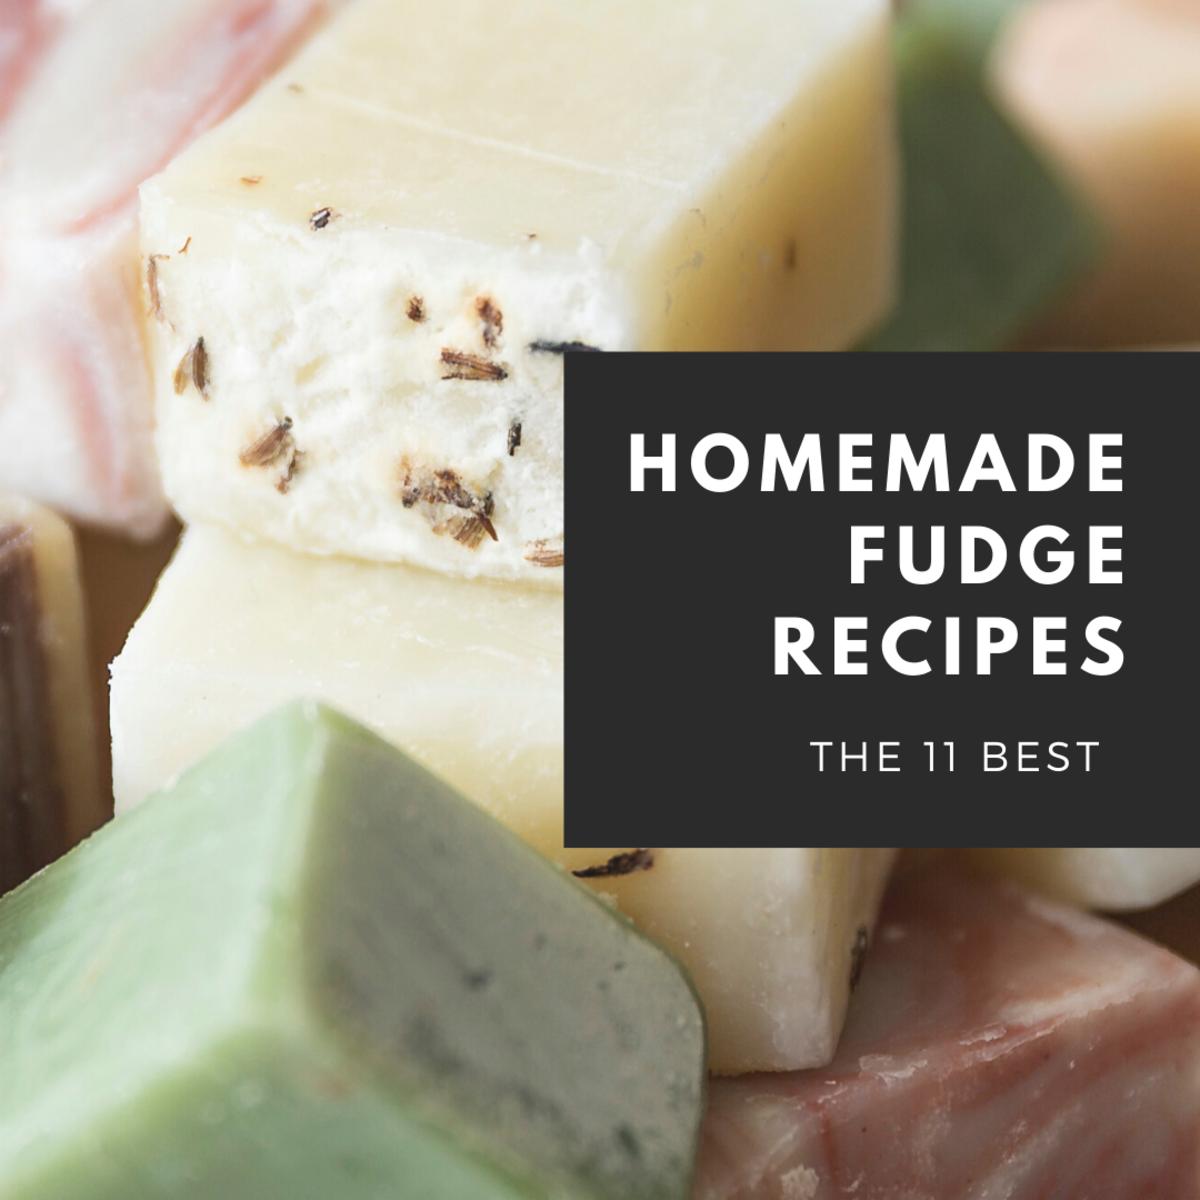 The 11 Best Homemade Fudge Recipes Ever